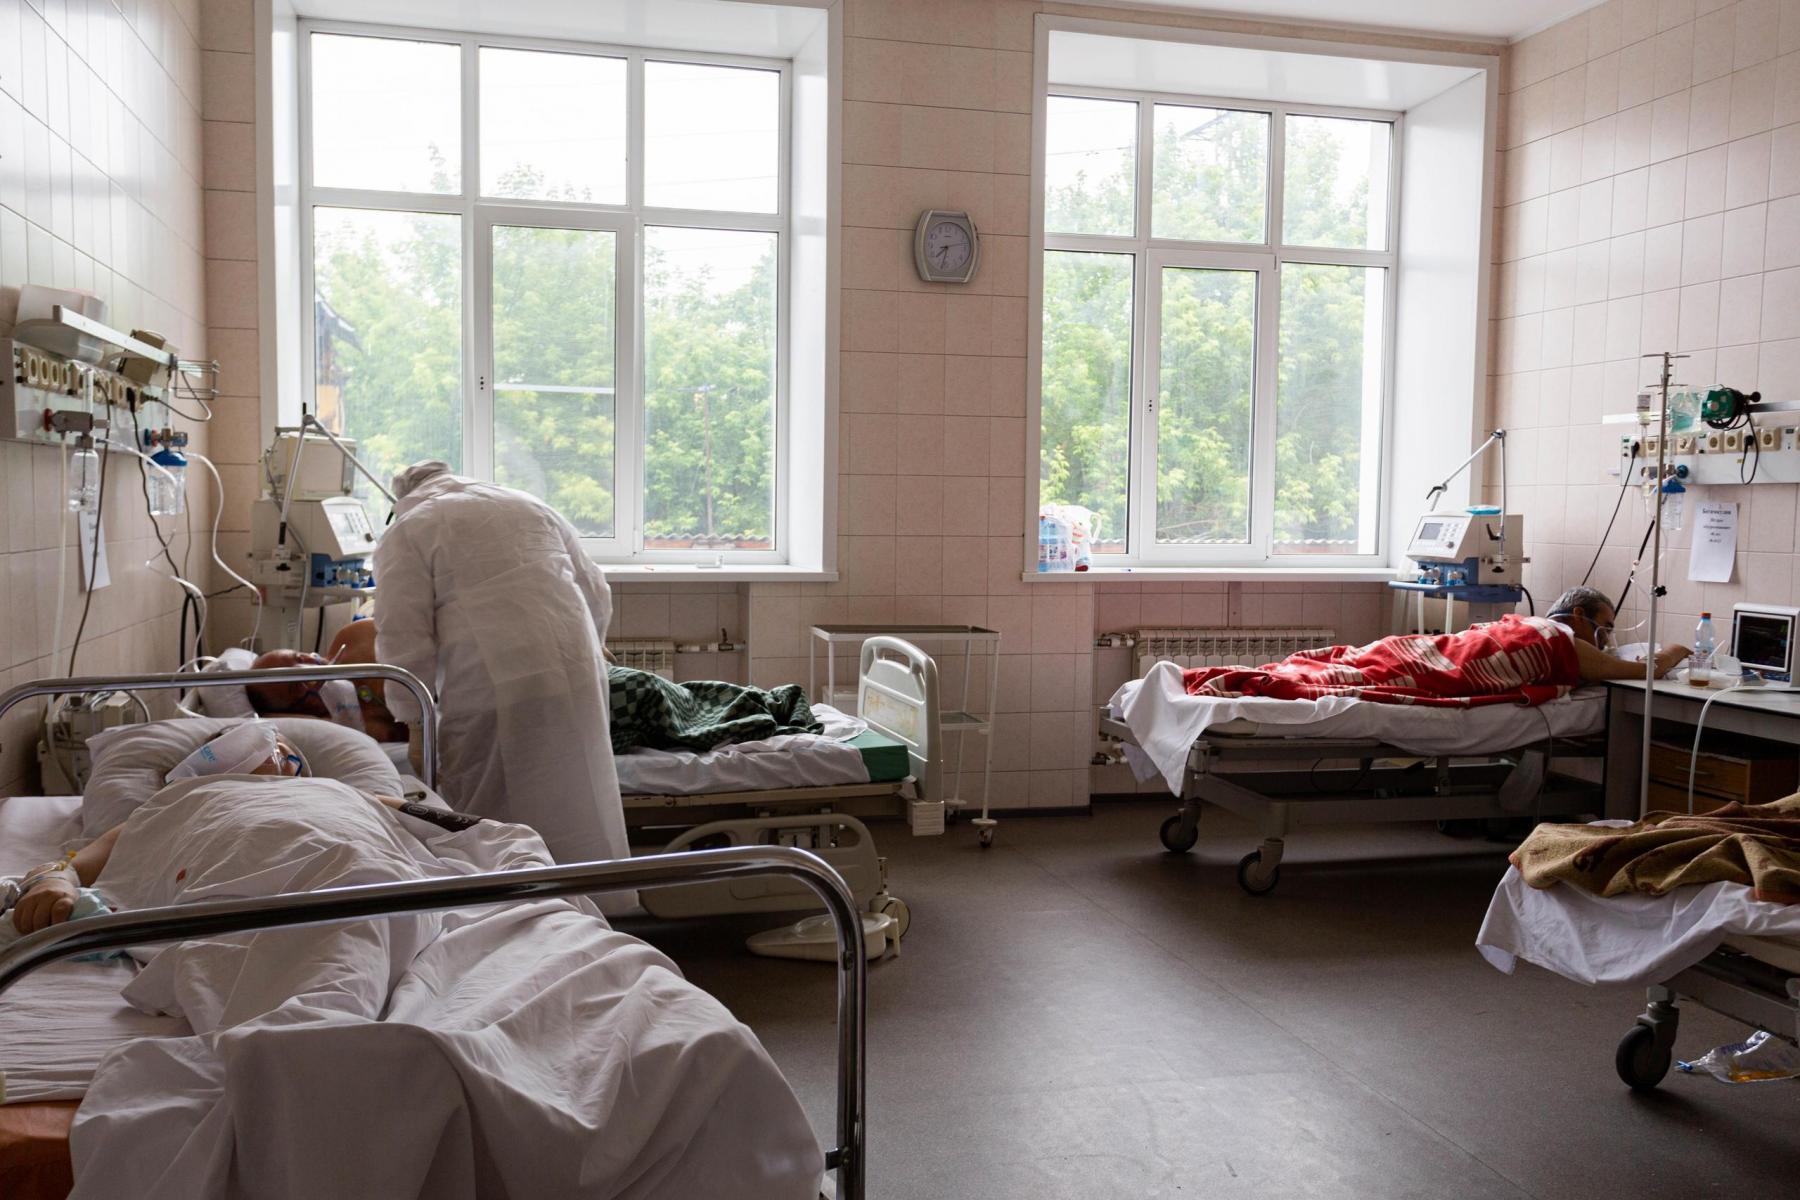 Фото Рост смертности от коронавируса, приёмная кампания в вузы России в 2021 году и розыск миллионера: главные новости 29 июня – в одном материале 2